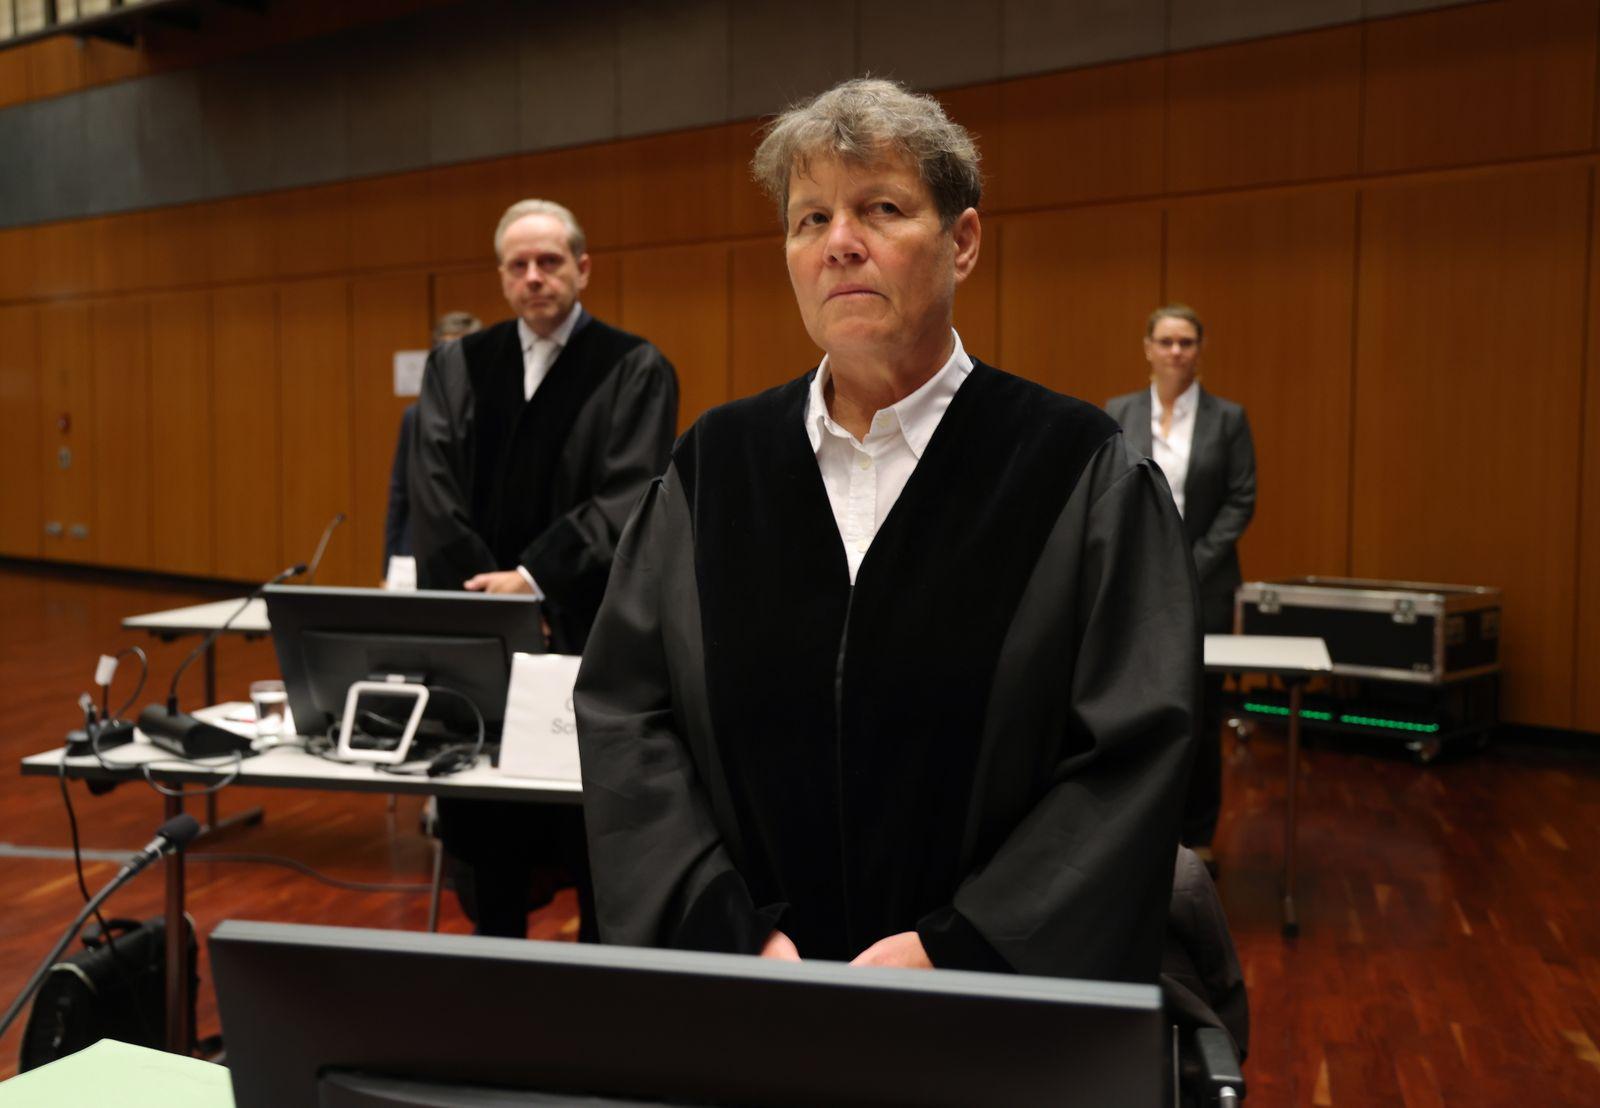 Volkswagen emissions cheating trial begins in Braunschweig